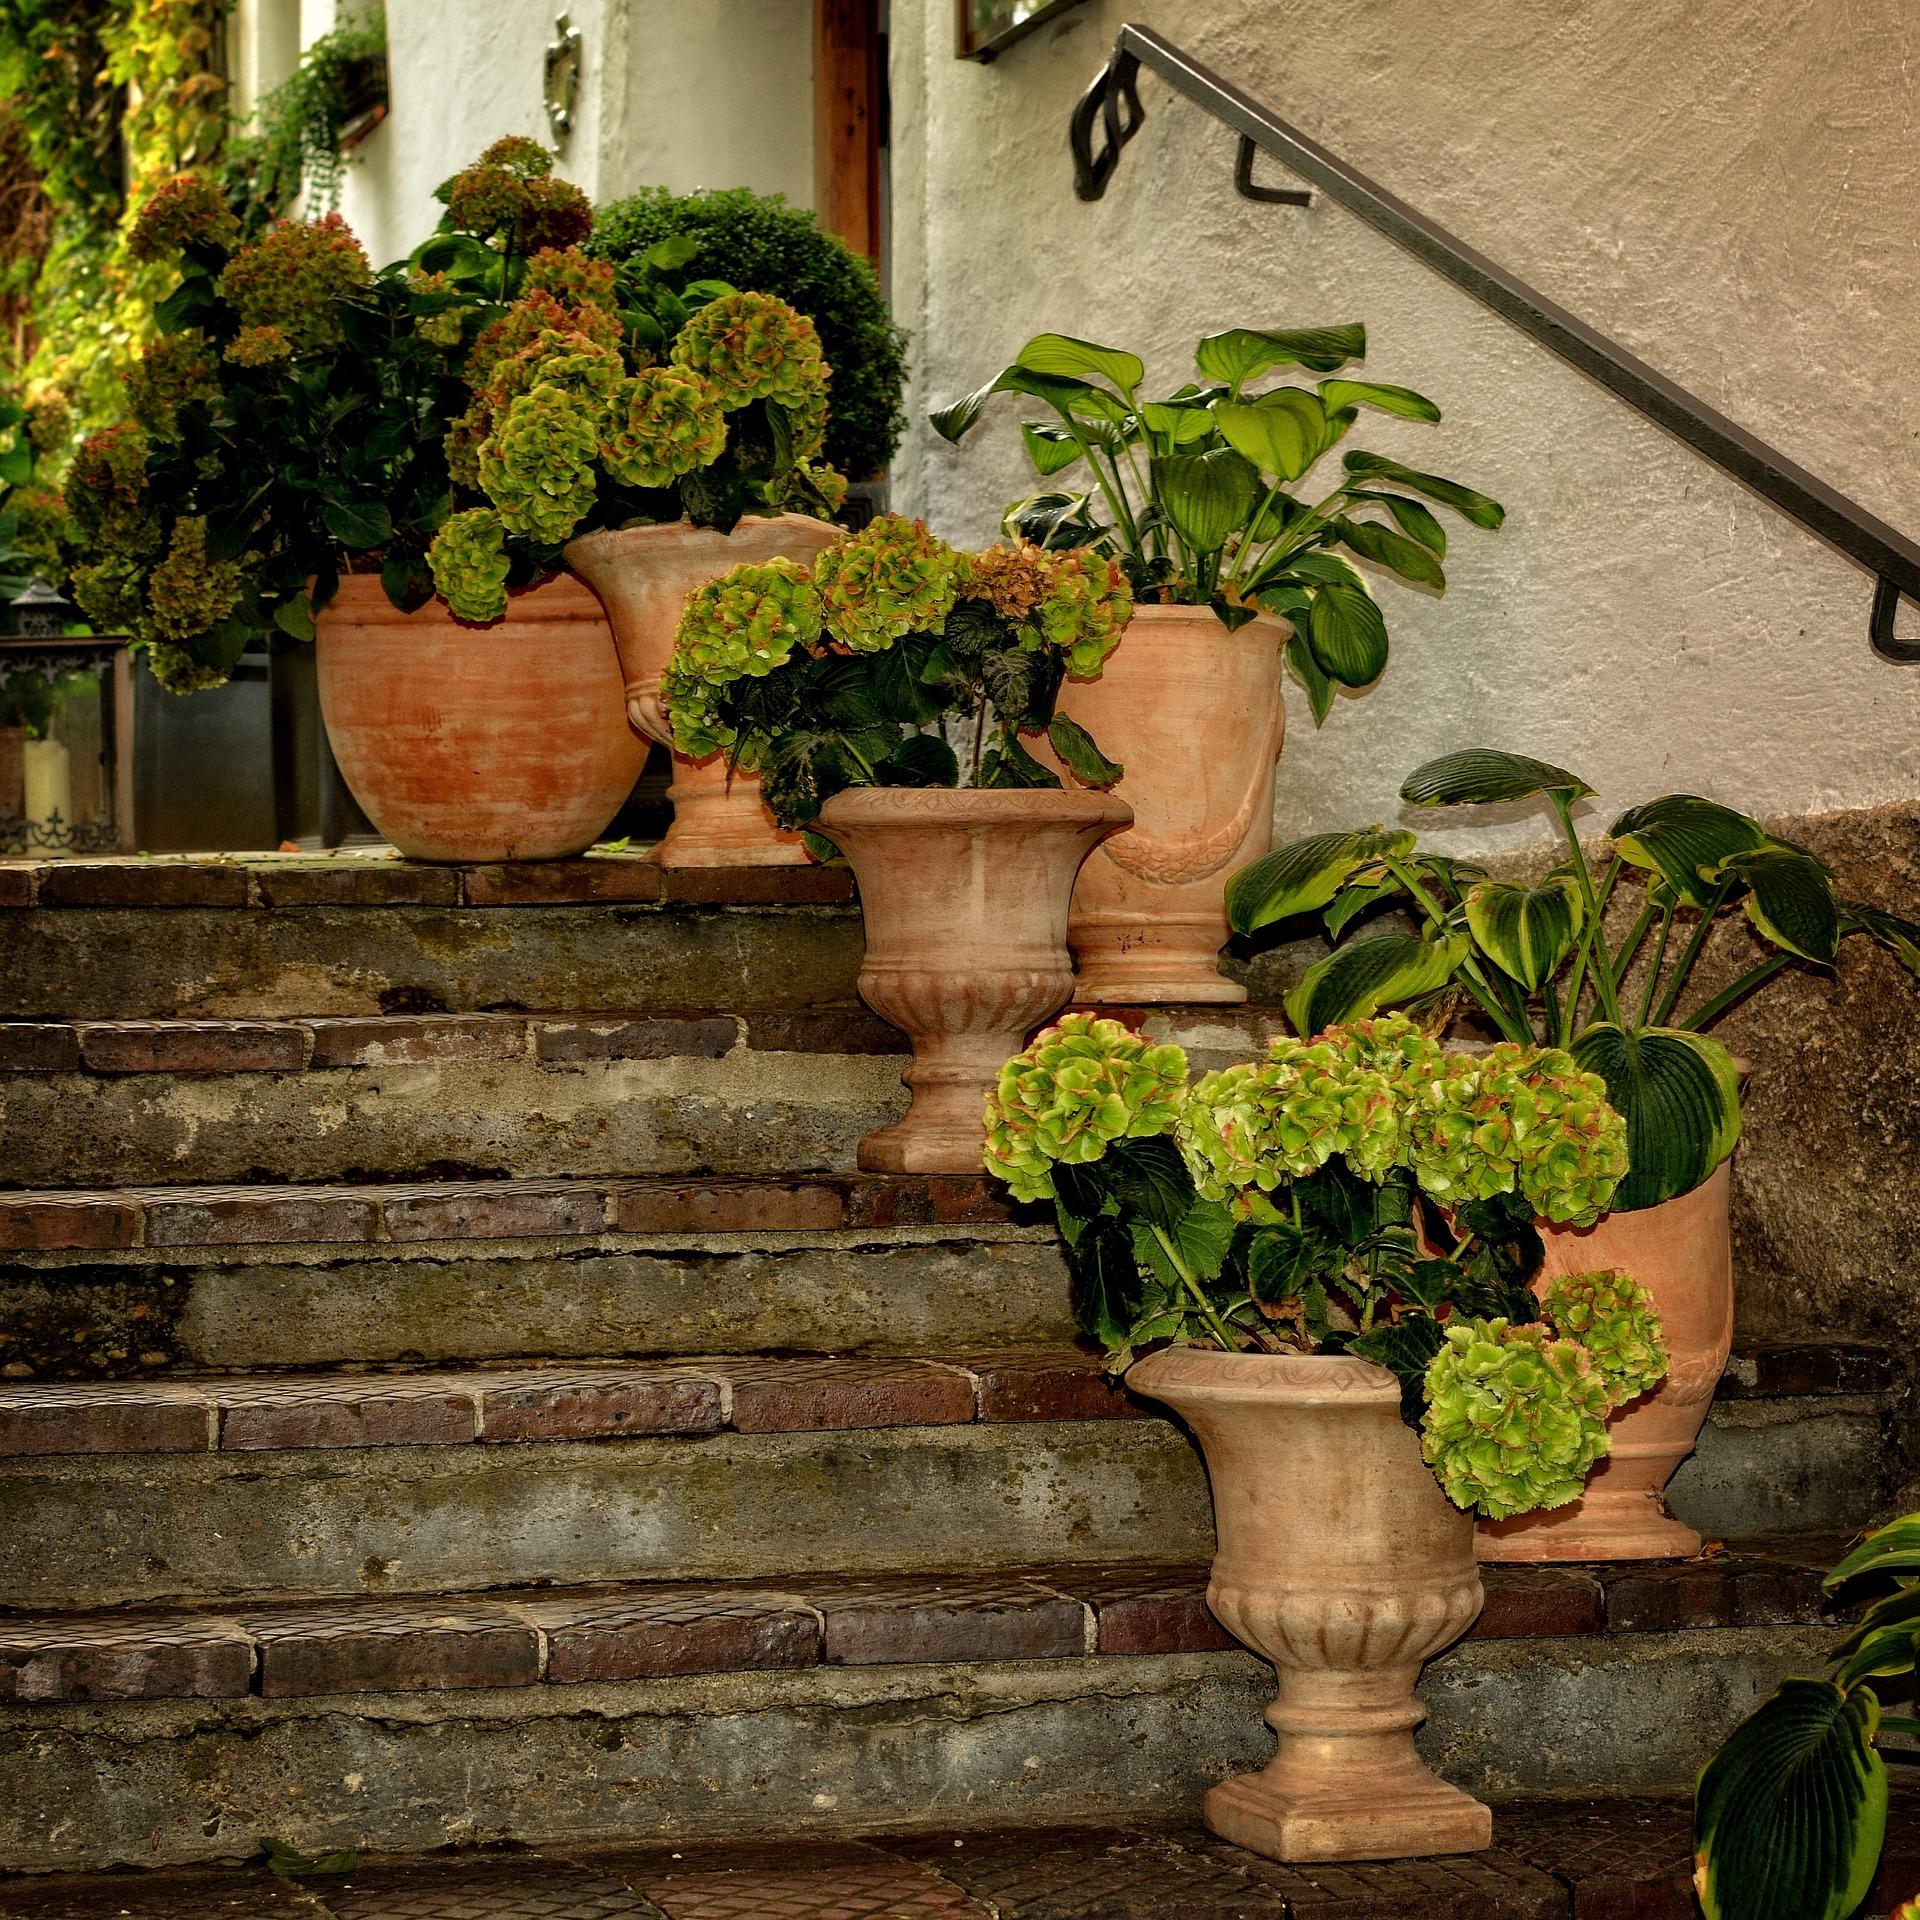 Vasi da esterno: uno stile unico per il tuo cortile